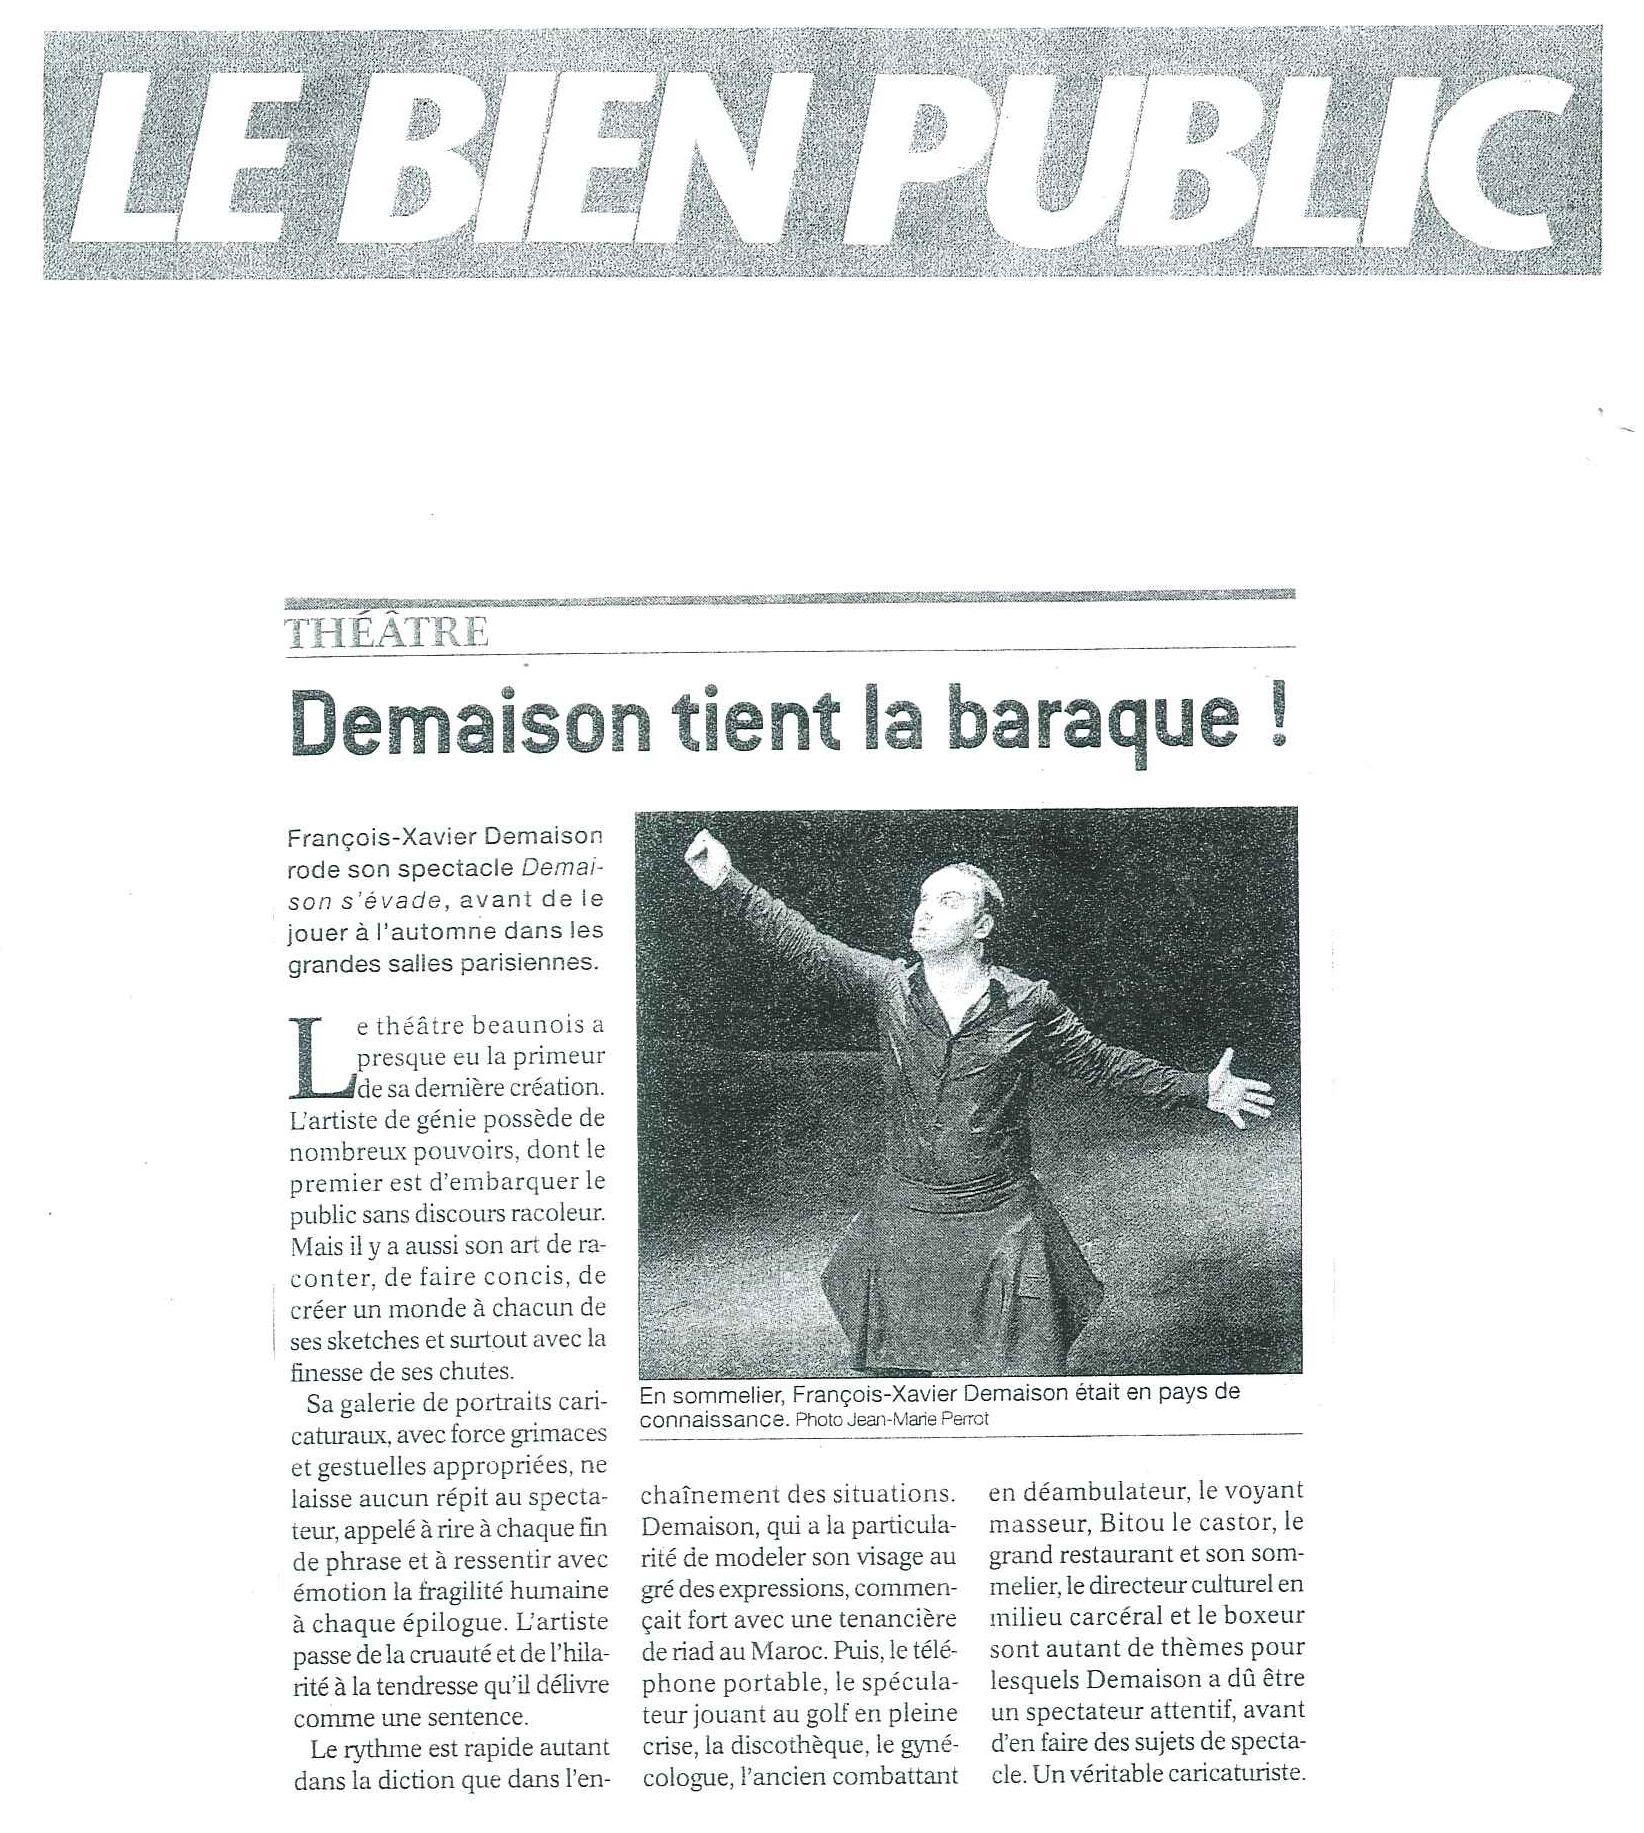 Tabac : Toute lactualit sur Le Mondefr